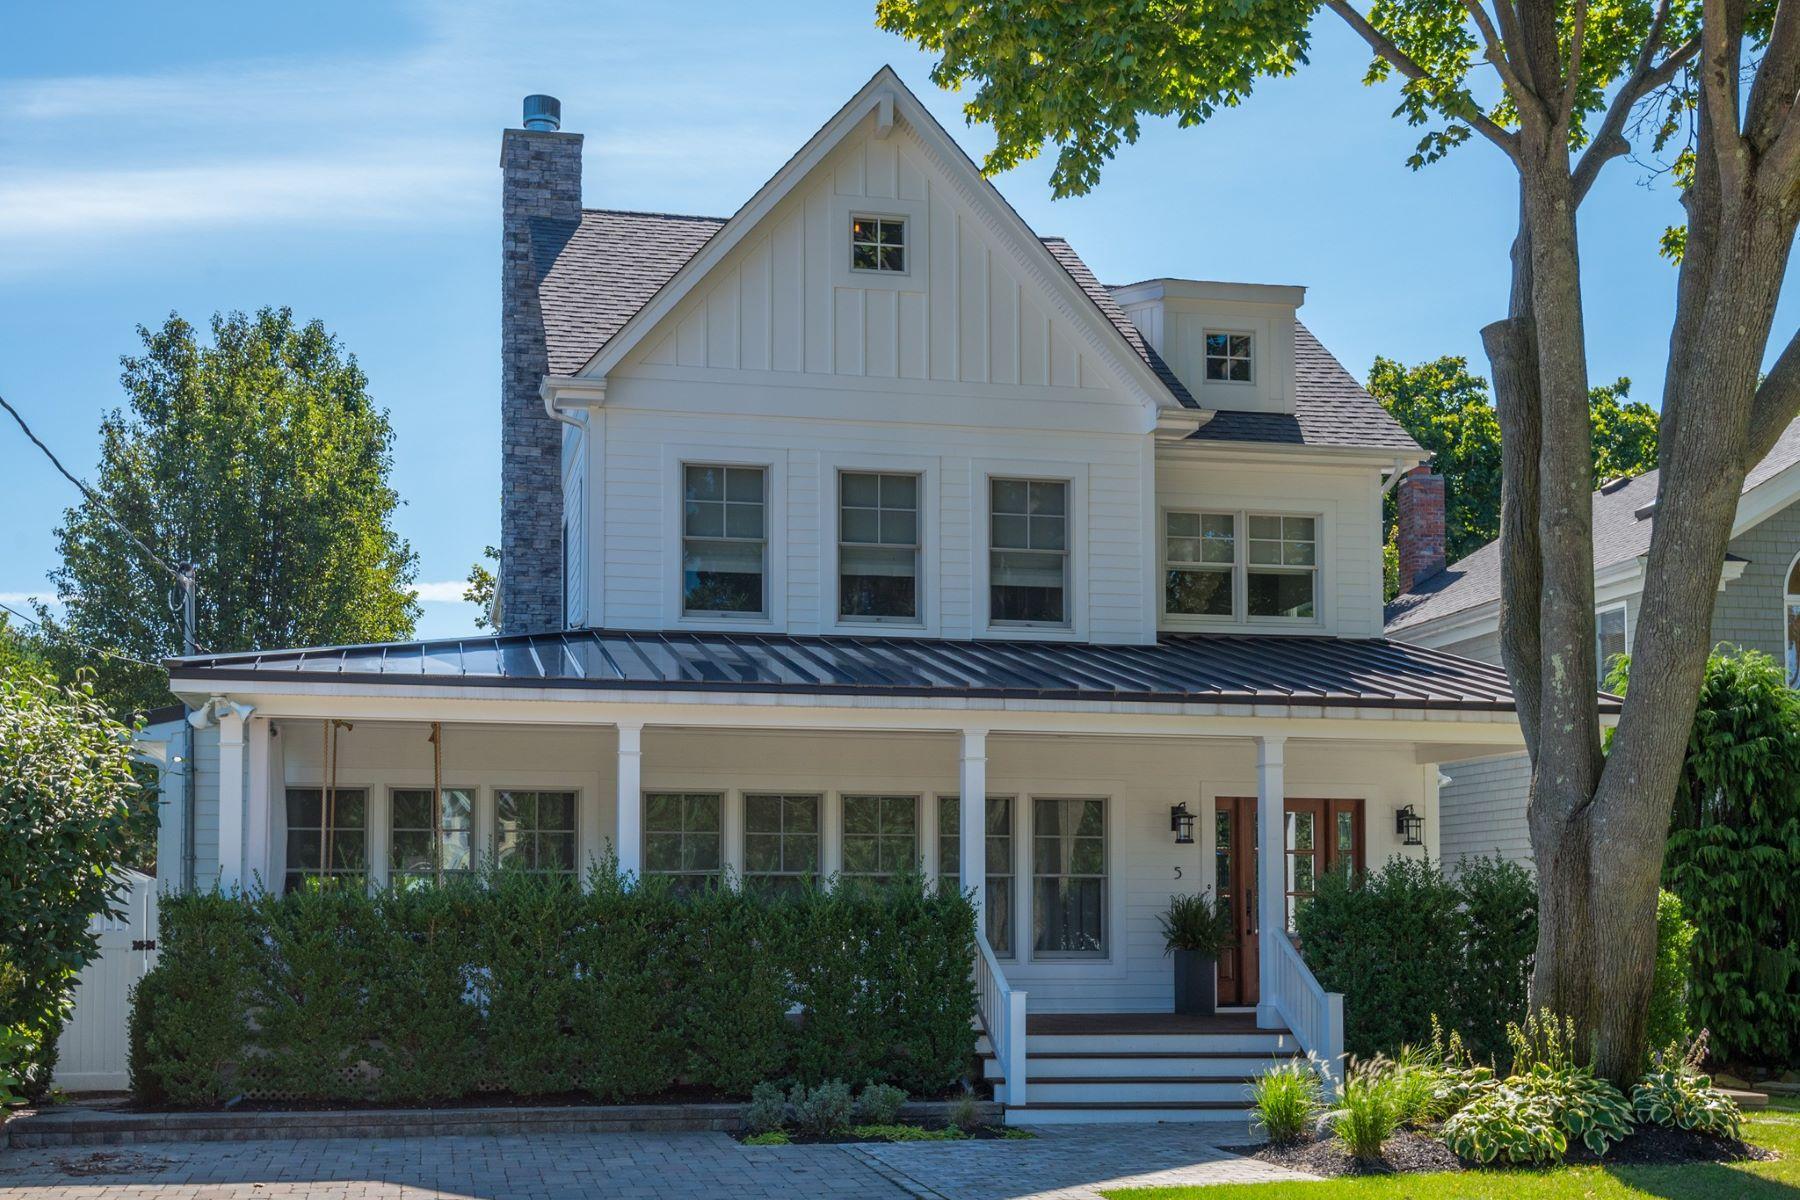 独户住宅 为 销售 在 5 Adams Ave , Bayville, NY 11709 5 Adams Ave, 贝维尔, 纽约州, 11709 美国